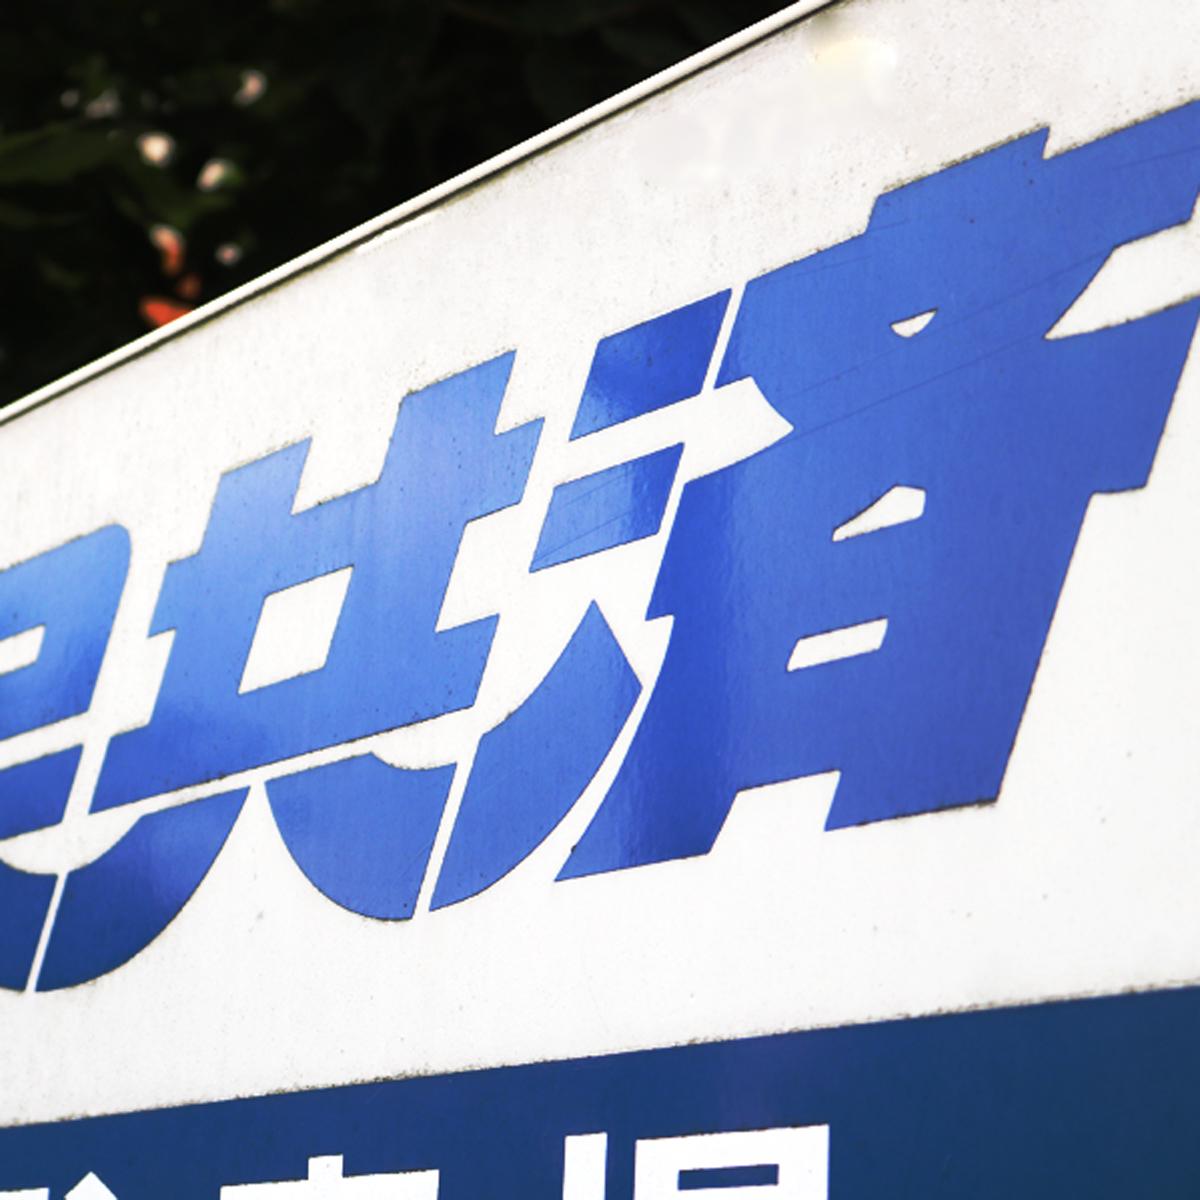 埼玉県民は2.5人に1人が加入。「共済」の魅力と弱点を知って賢く使おう